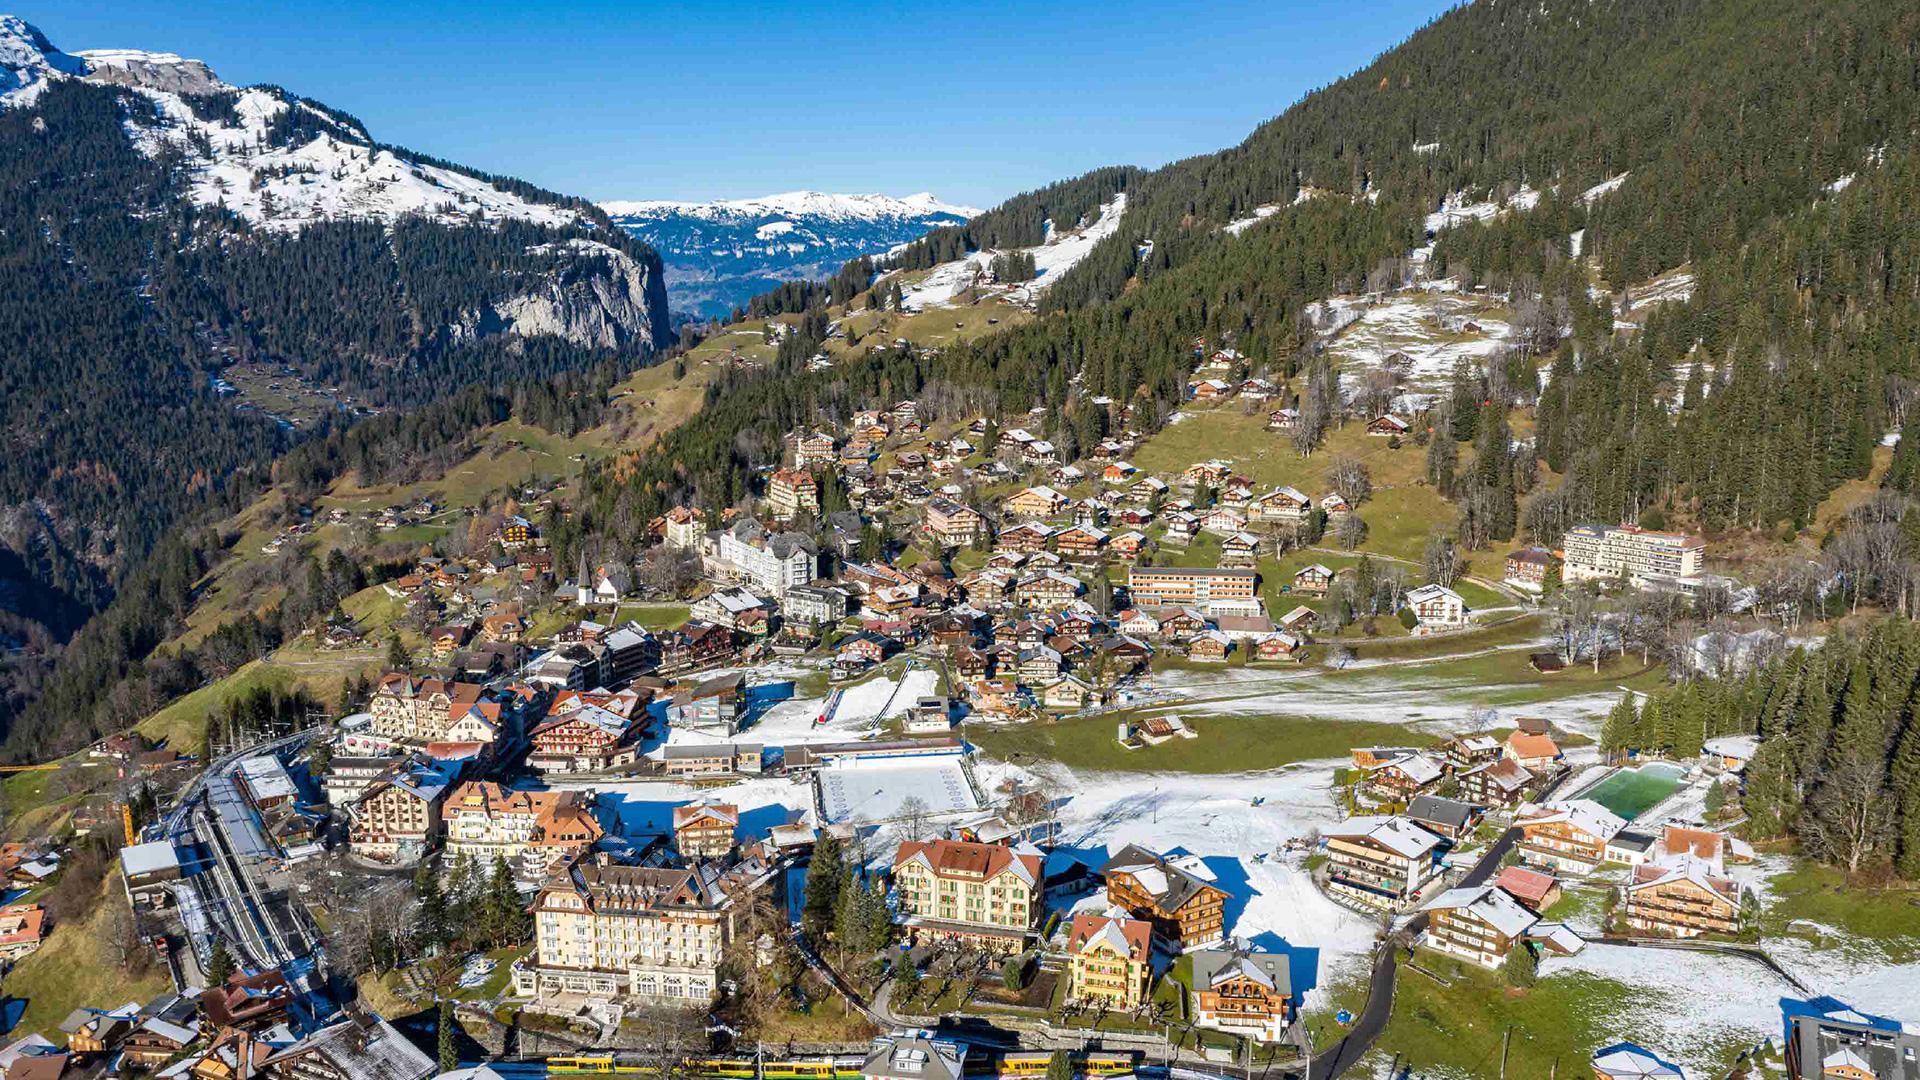 Chalet Brunner Chalet, Switzerland